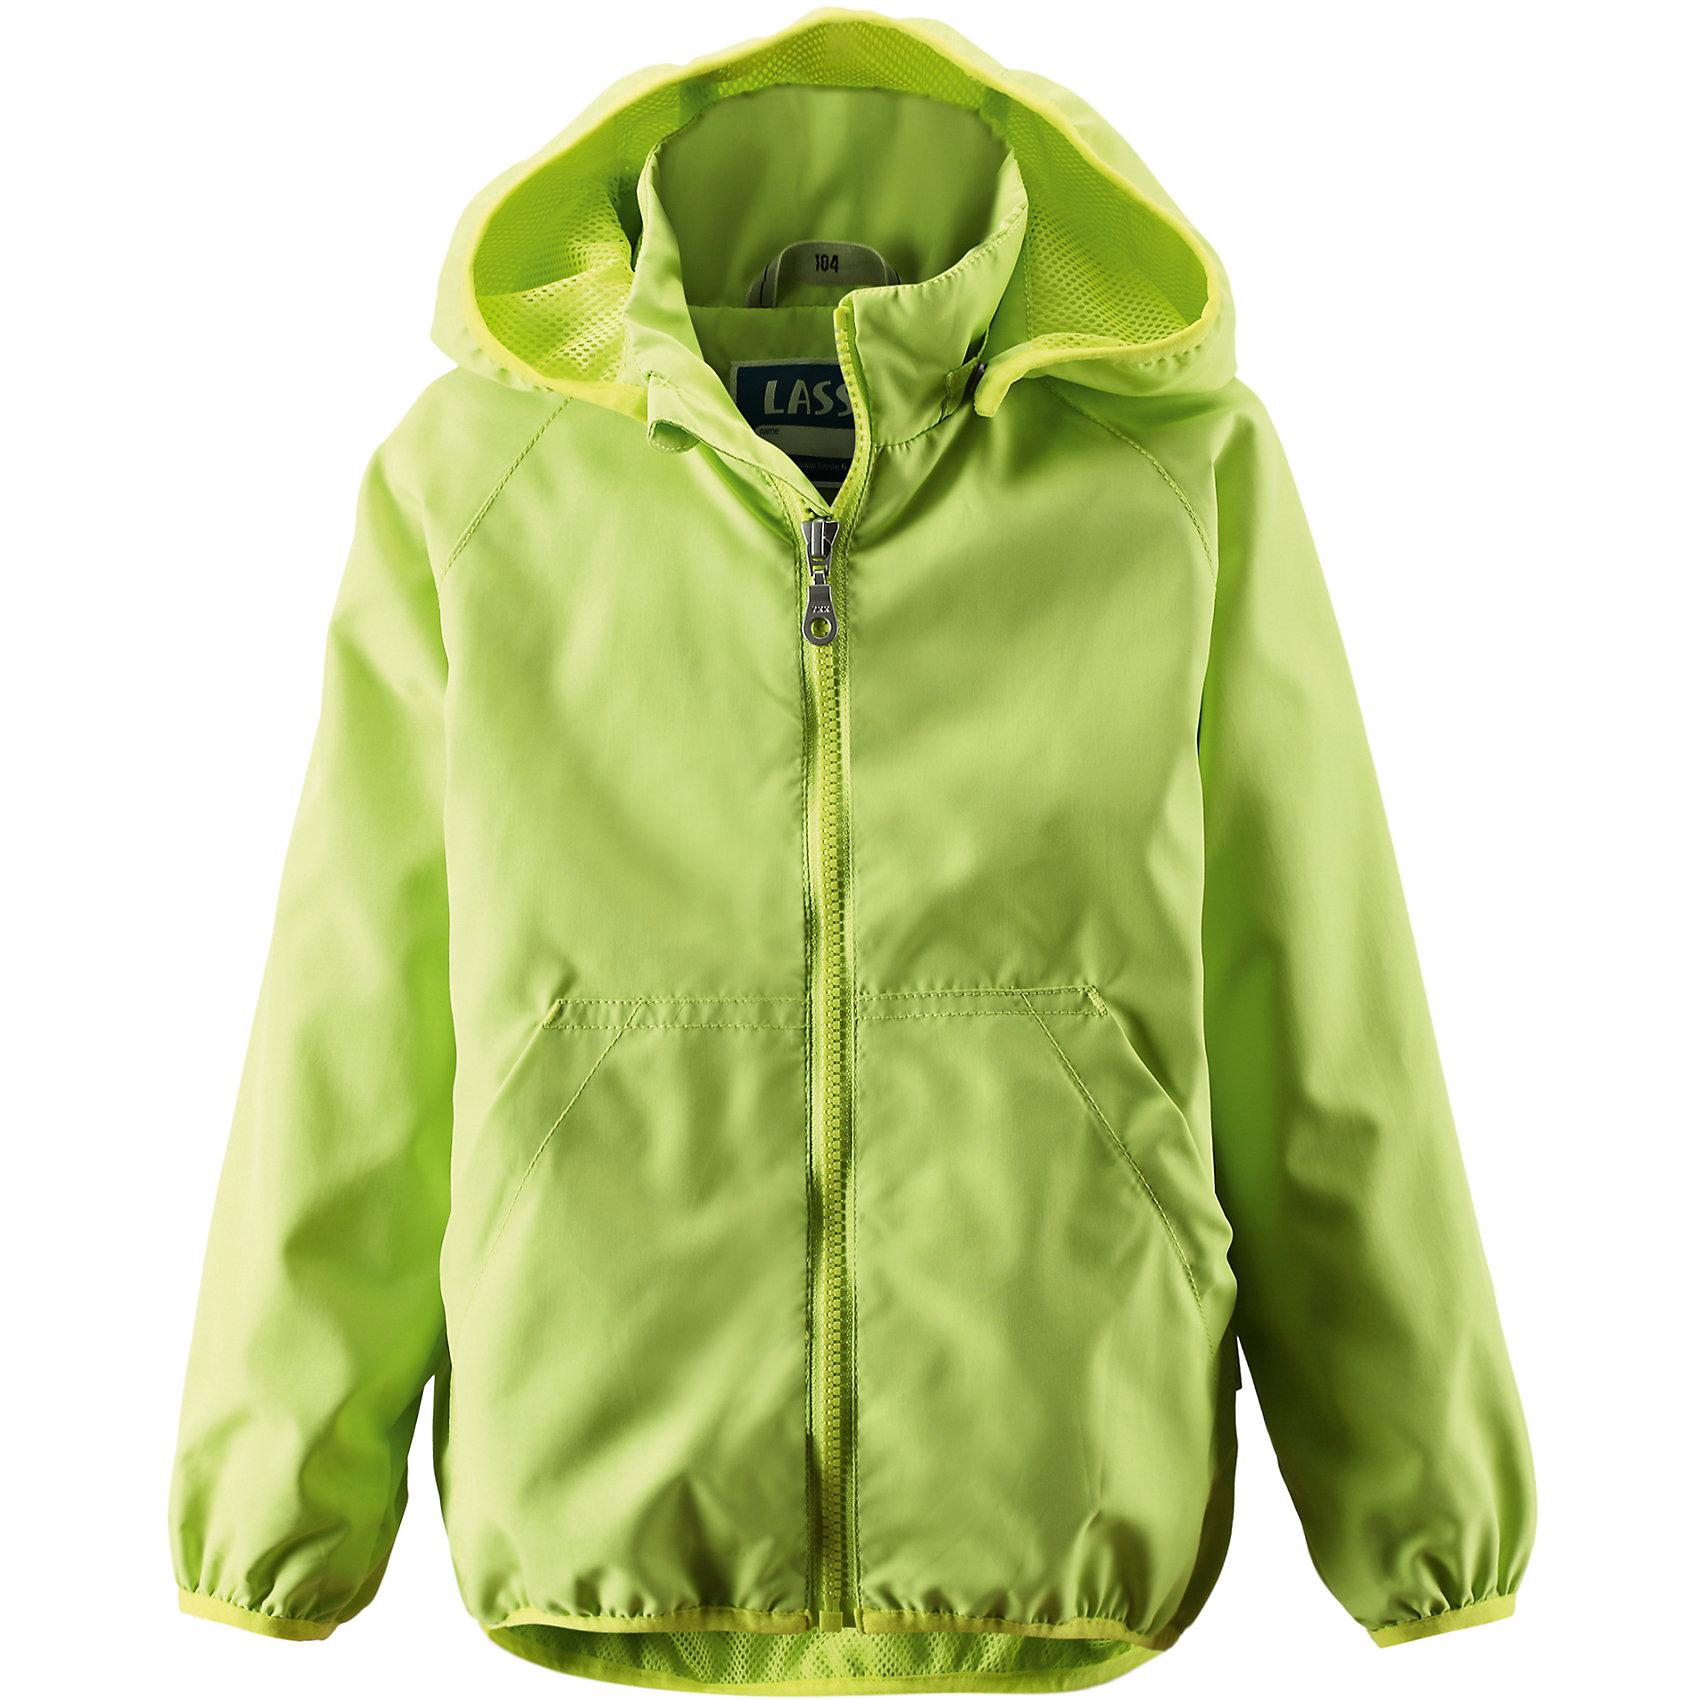 Куртка  для мальчика LassieОдежда<br>Характеристики товара:<br><br>• цвет: зеленый<br>• состав: Верх: 100% полиэстер, мембрана, подкладка: 100% полиуретан<br>• температурный режим: от +10°до +20°С<br>• без утеплителя<br>• сезон: весна-лето<br>• съемный капюшон<br>• эластичный подол и манжеты<br>• легкая и тонкая<br>• два карамана на липучках<br>• водооталкивающий<br>• ветрозащитный<br>• солнцезащитный фактор 50+<br>• застежка: молния<br>• высокий воротник<br>• комфортная посадка<br>• страна производства: Китай<br>• страна бренда: Финляндия<br><br>Верхняя одежда для детей может быть модной и комфортной одновременно! Легкая куртка поможет обеспечить ребенку комфорт и тепло. Она отлично смотрится с различной одеждой и обувью. Изделие удобно сидит и модно выглядит. Стильный дизайн разрабатывался специально для детей.<br><br>Одежда и обувь от финского бренда Lassie пользуется популярностью во многих странах. Эти изделия стильные, качественные и удобные. Для производства продукции используются только безопасные, проверенные материалы и фурнитура. Порадуйте ребенка модными и красивыми вещами от Lassie! <br><br>Куртку для мальчика от финского бренда Lassie (Лэсси) можно купить в нашем интернет-магазине.<br><br>Ширина мм: 356<br>Глубина мм: 10<br>Высота мм: 245<br>Вес г: 519<br>Цвет: зеленый<br>Возраст от месяцев: 48<br>Возраст до месяцев: 60<br>Пол: Унисекс<br>Возраст: Детский<br>Размер: 110,116,128,98,122,104,134<br>SKU: 5415614